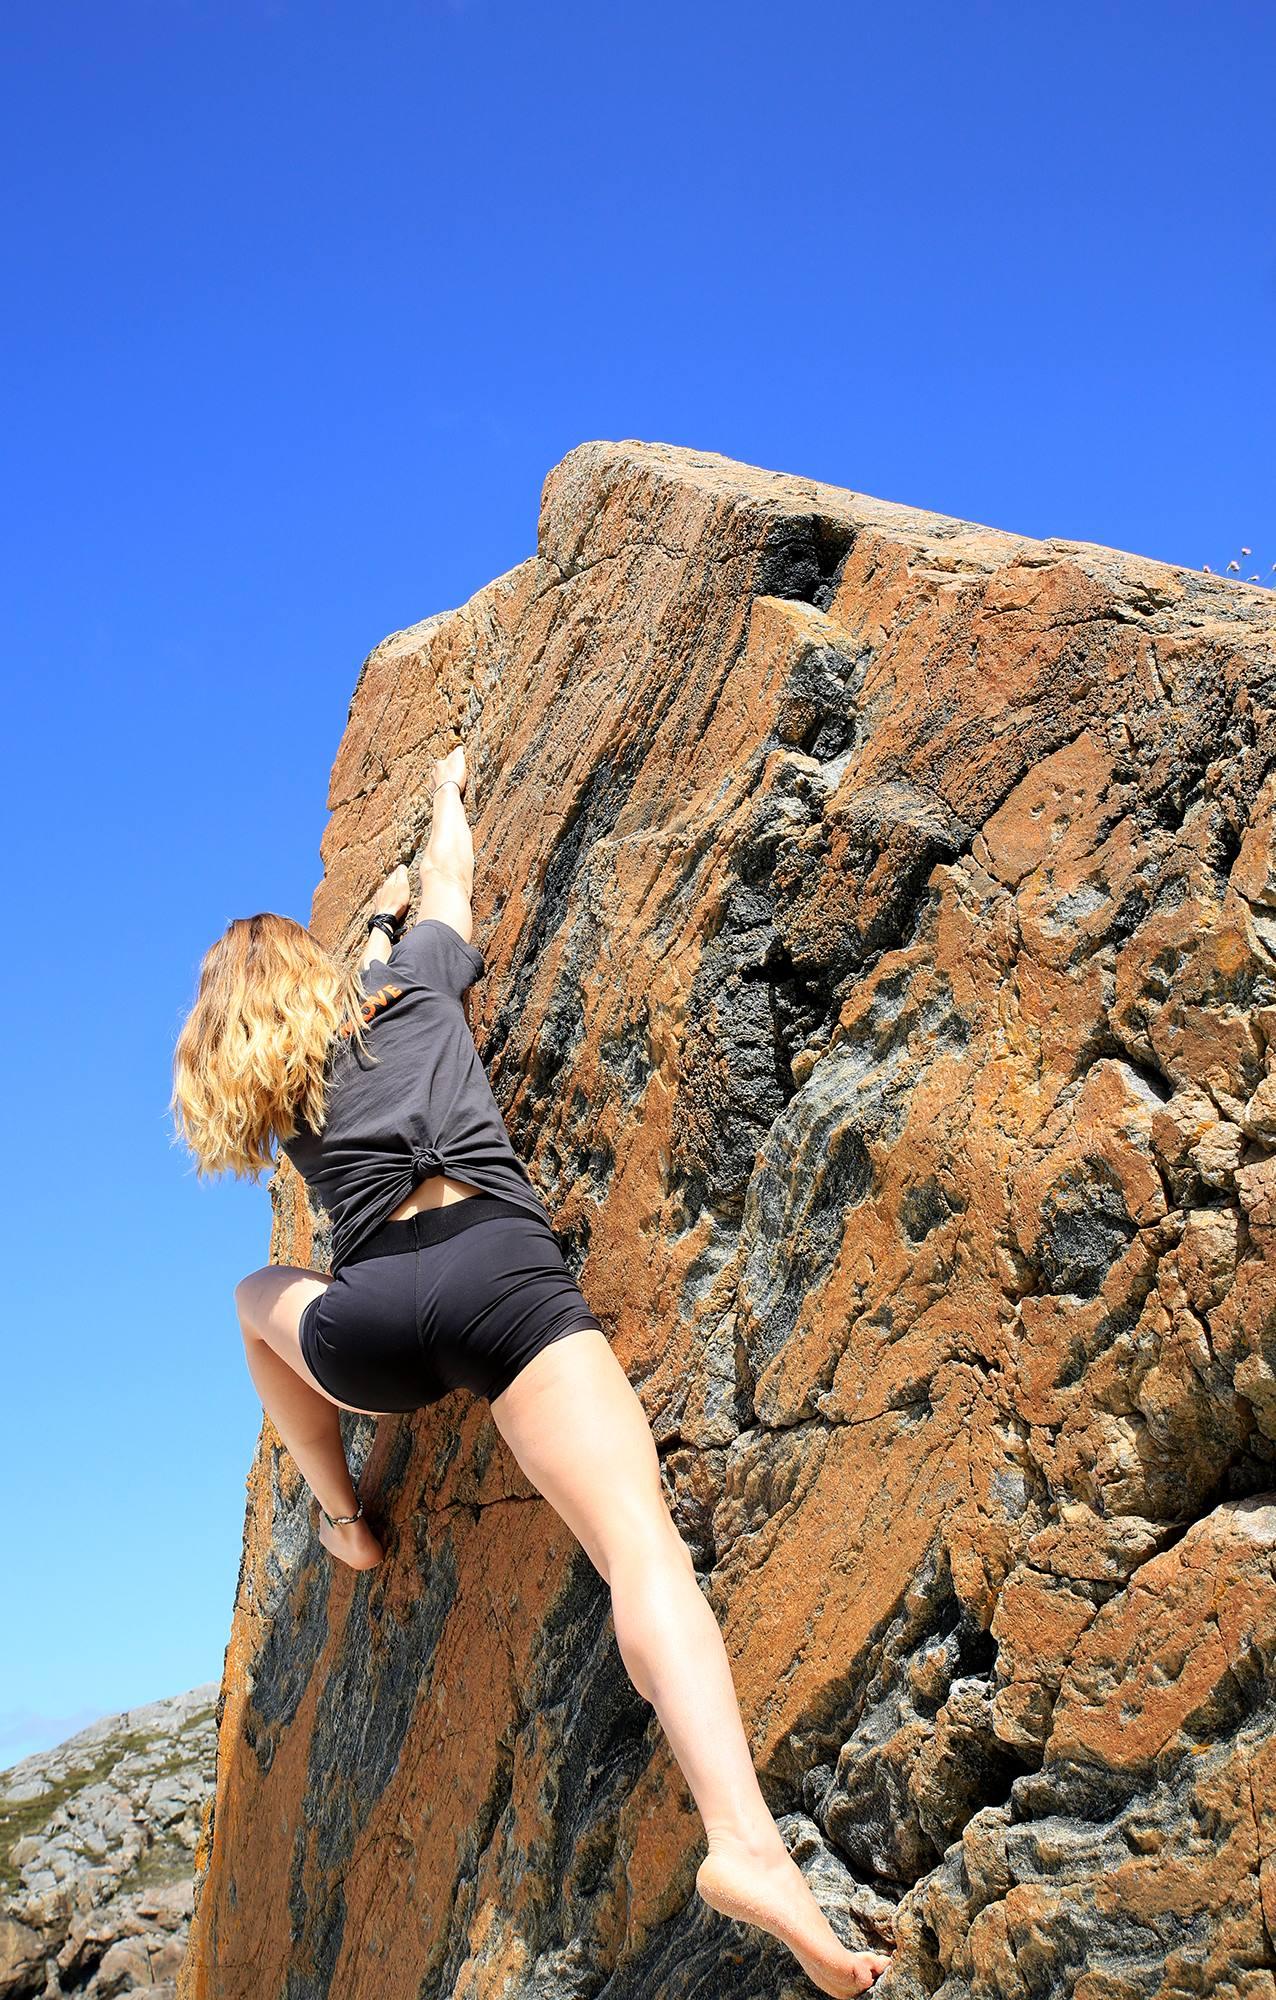 be-nimble-nala-climbing-large-de